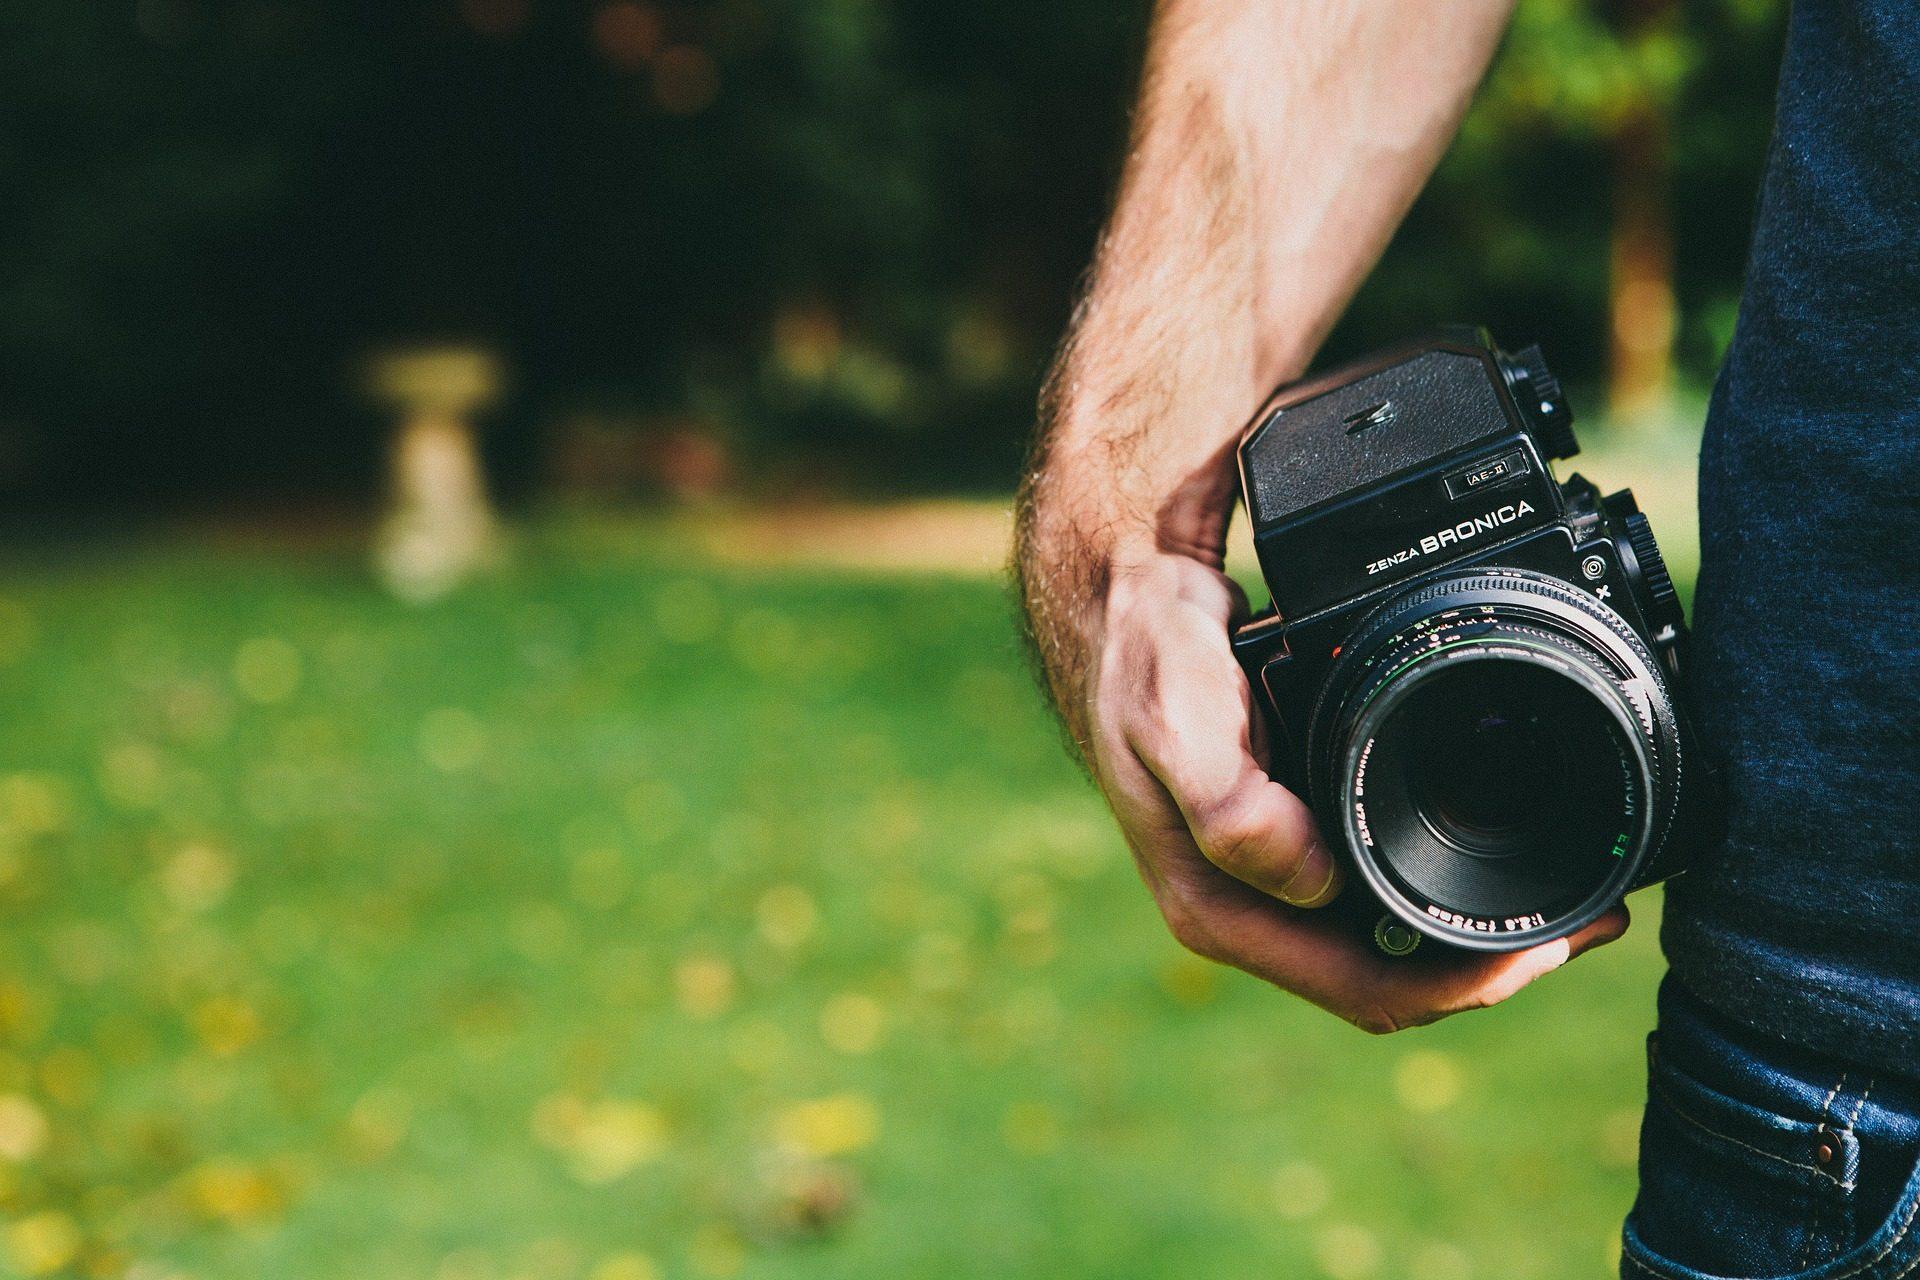 男子, 手, 相机, 摄影, 目的 - 高清壁纸 - 教授-falken.com